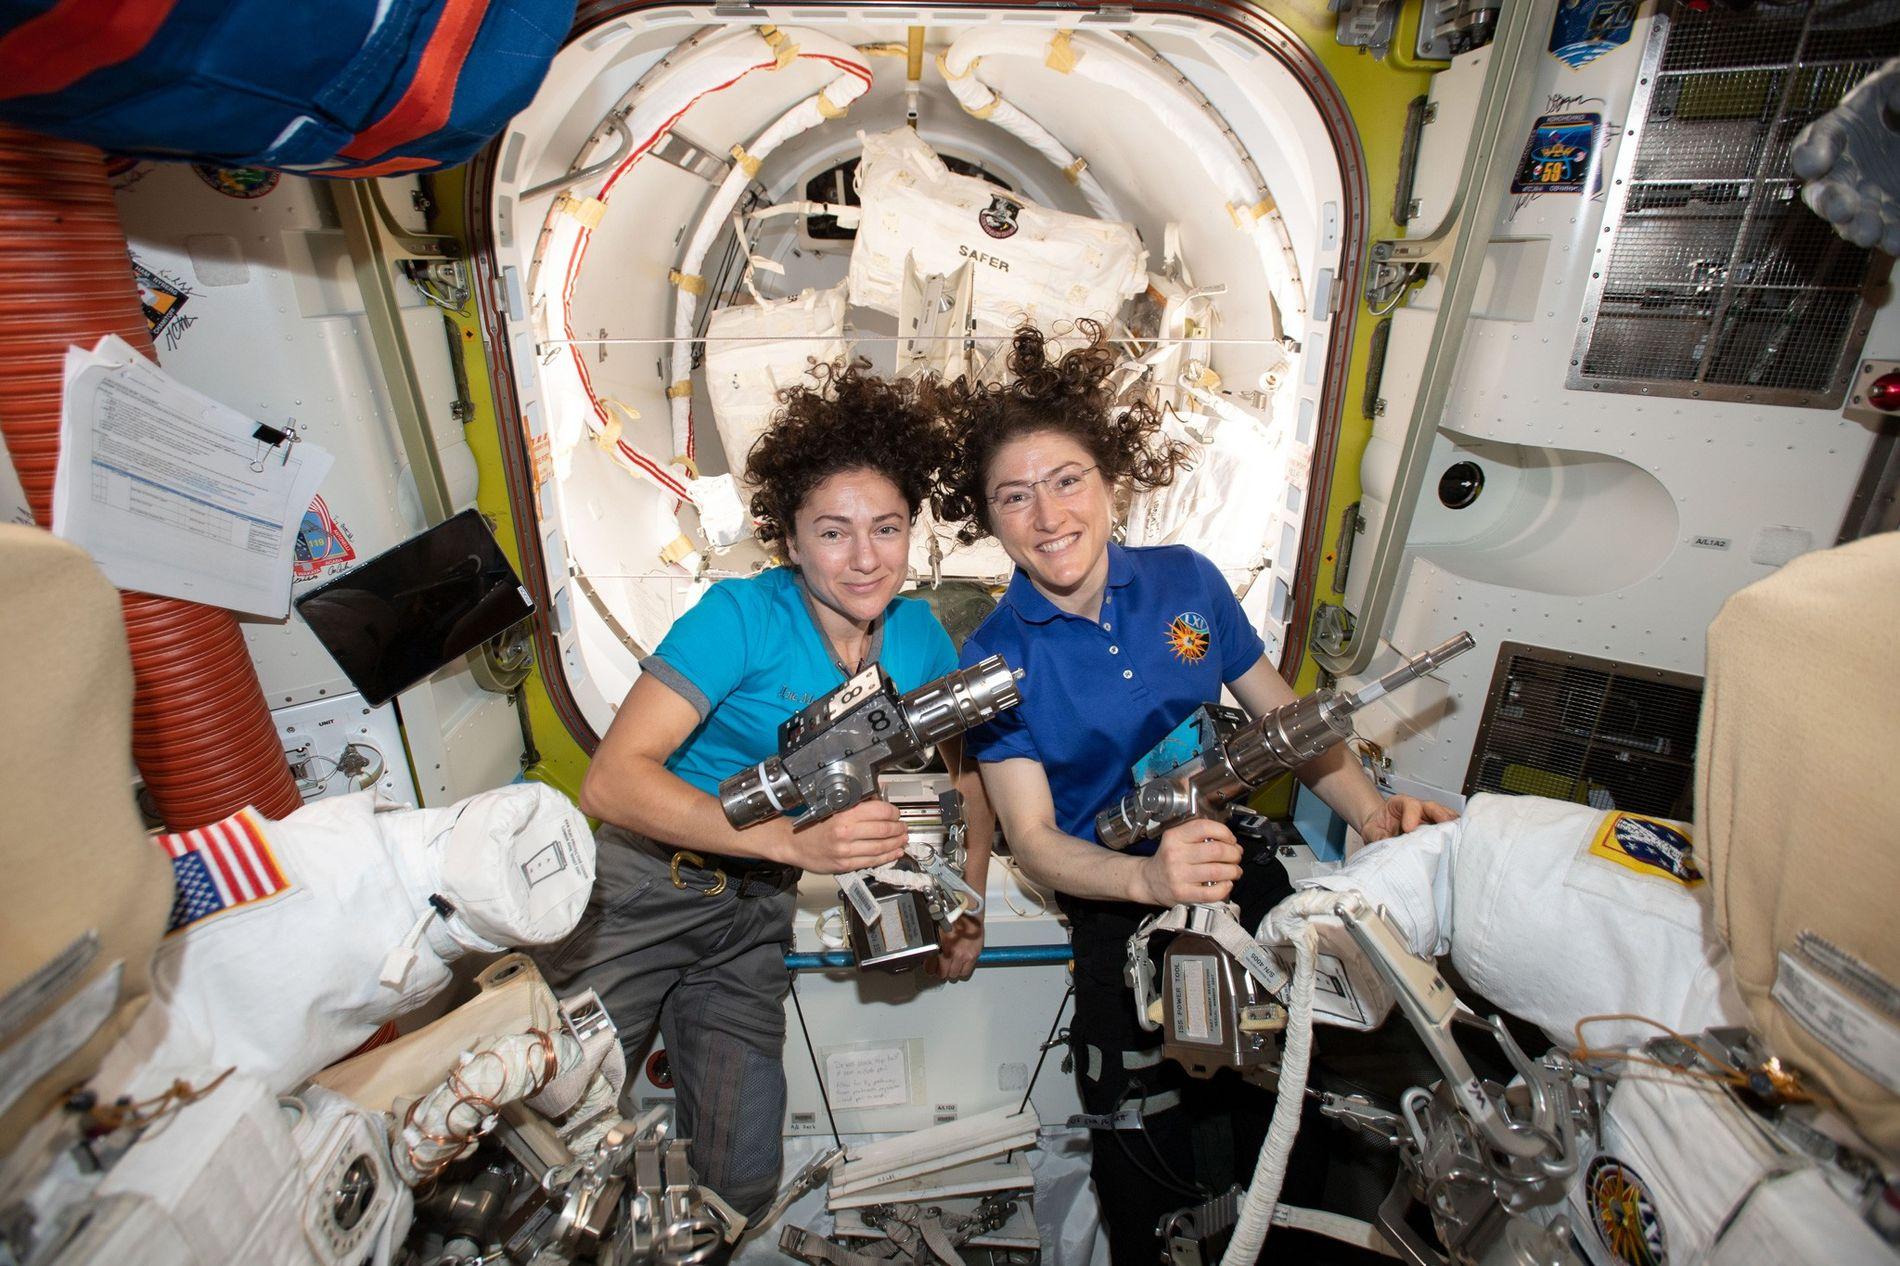 Los astronautas de la NASA Jessica Meir (izquierda) y Christina Koch posan dentro de Quest a bordo de la Estación Espacial Internacional mientras preparan los trajes espaciales y las herramientas que usarán en su histórica caminata espacial del 18 de octubre.